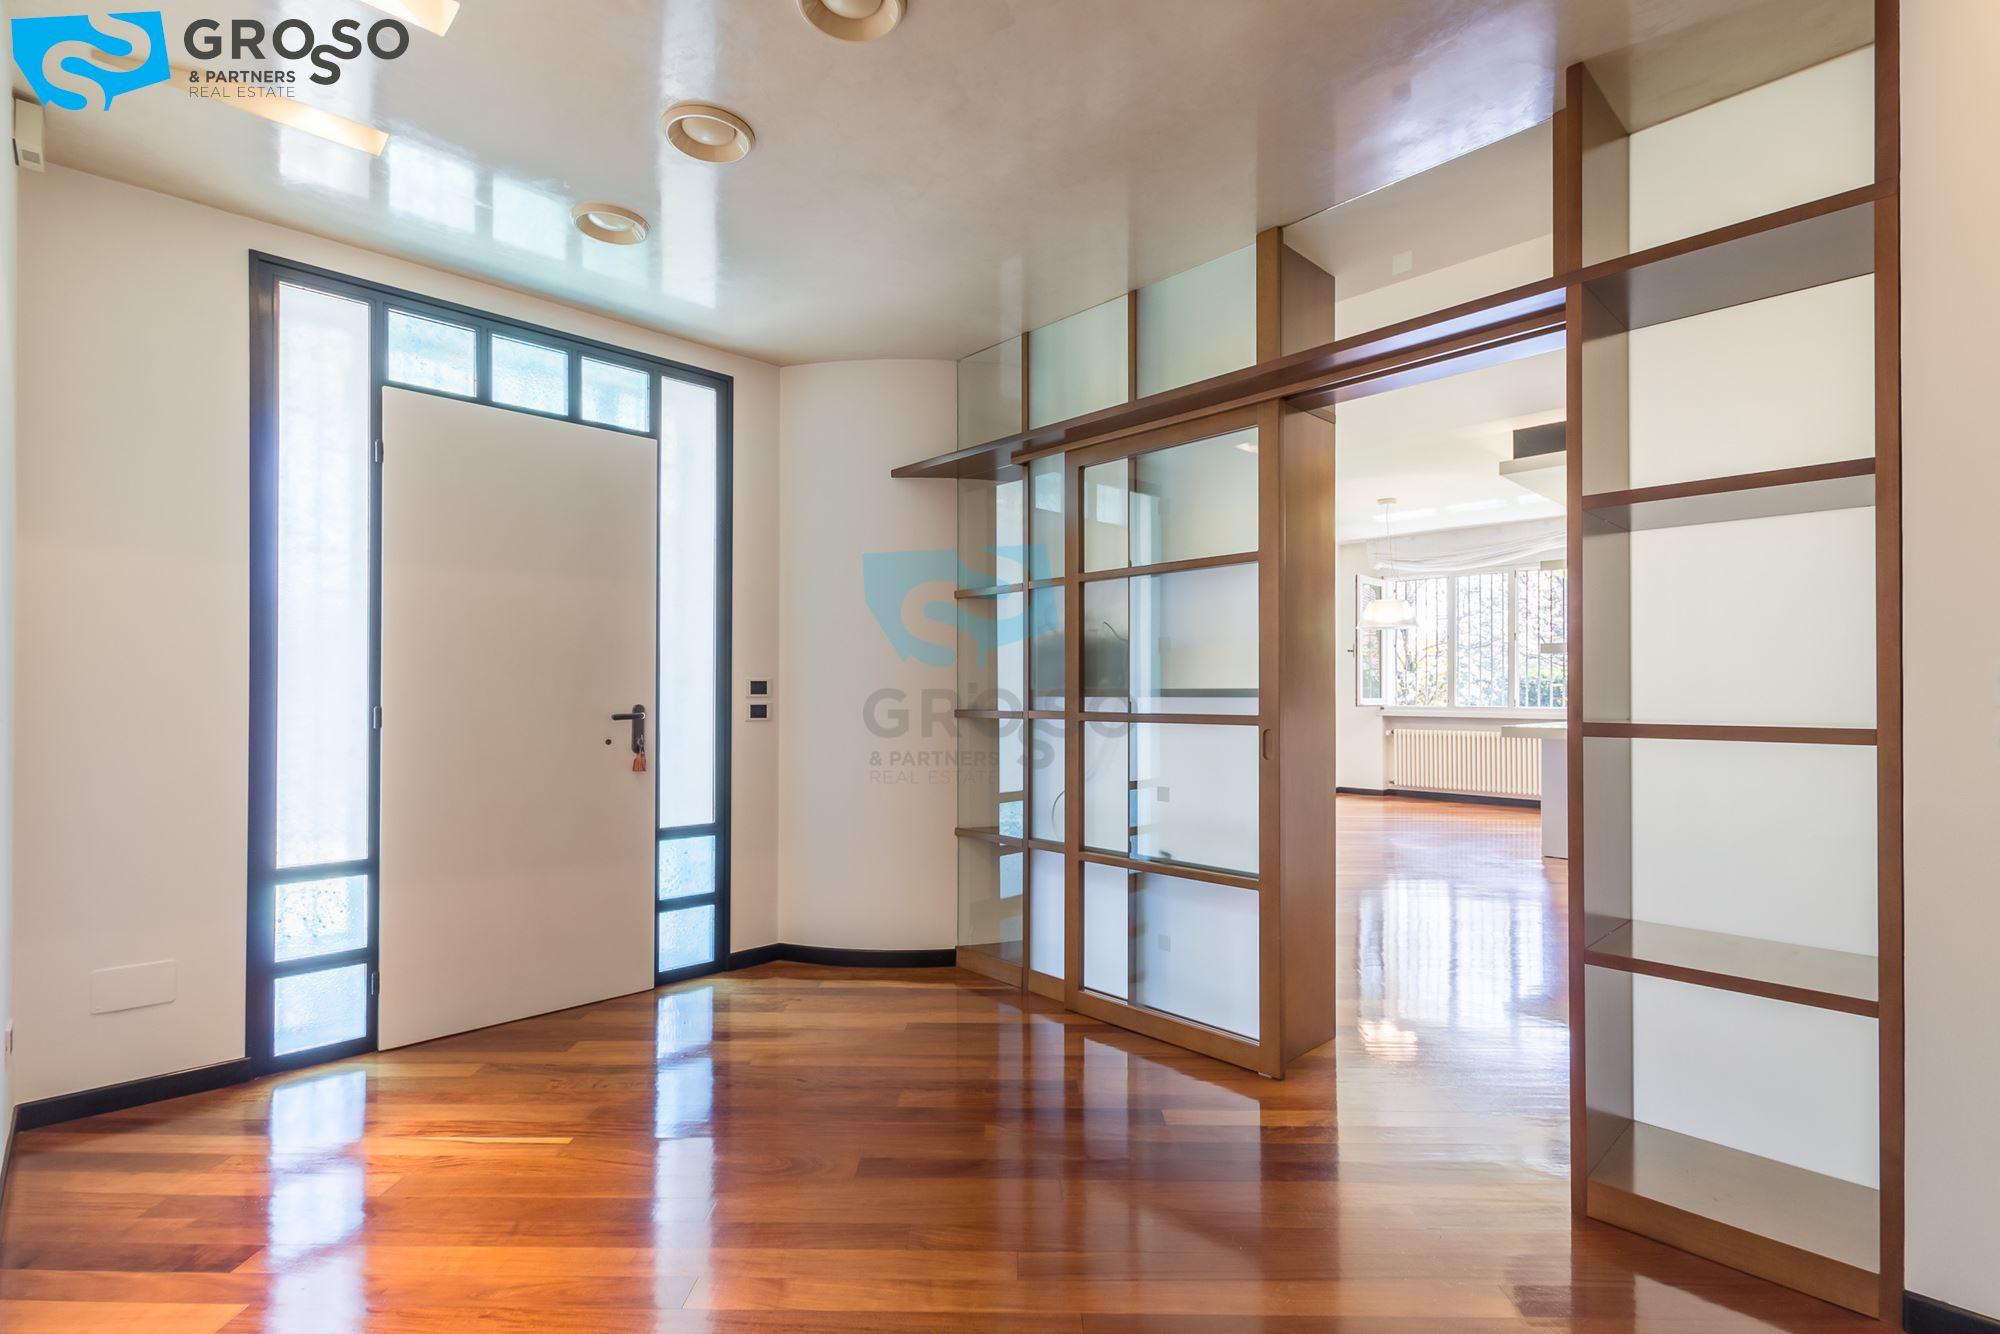 Vendita Casa Singola A Villorba Grossopartners Immobiliare